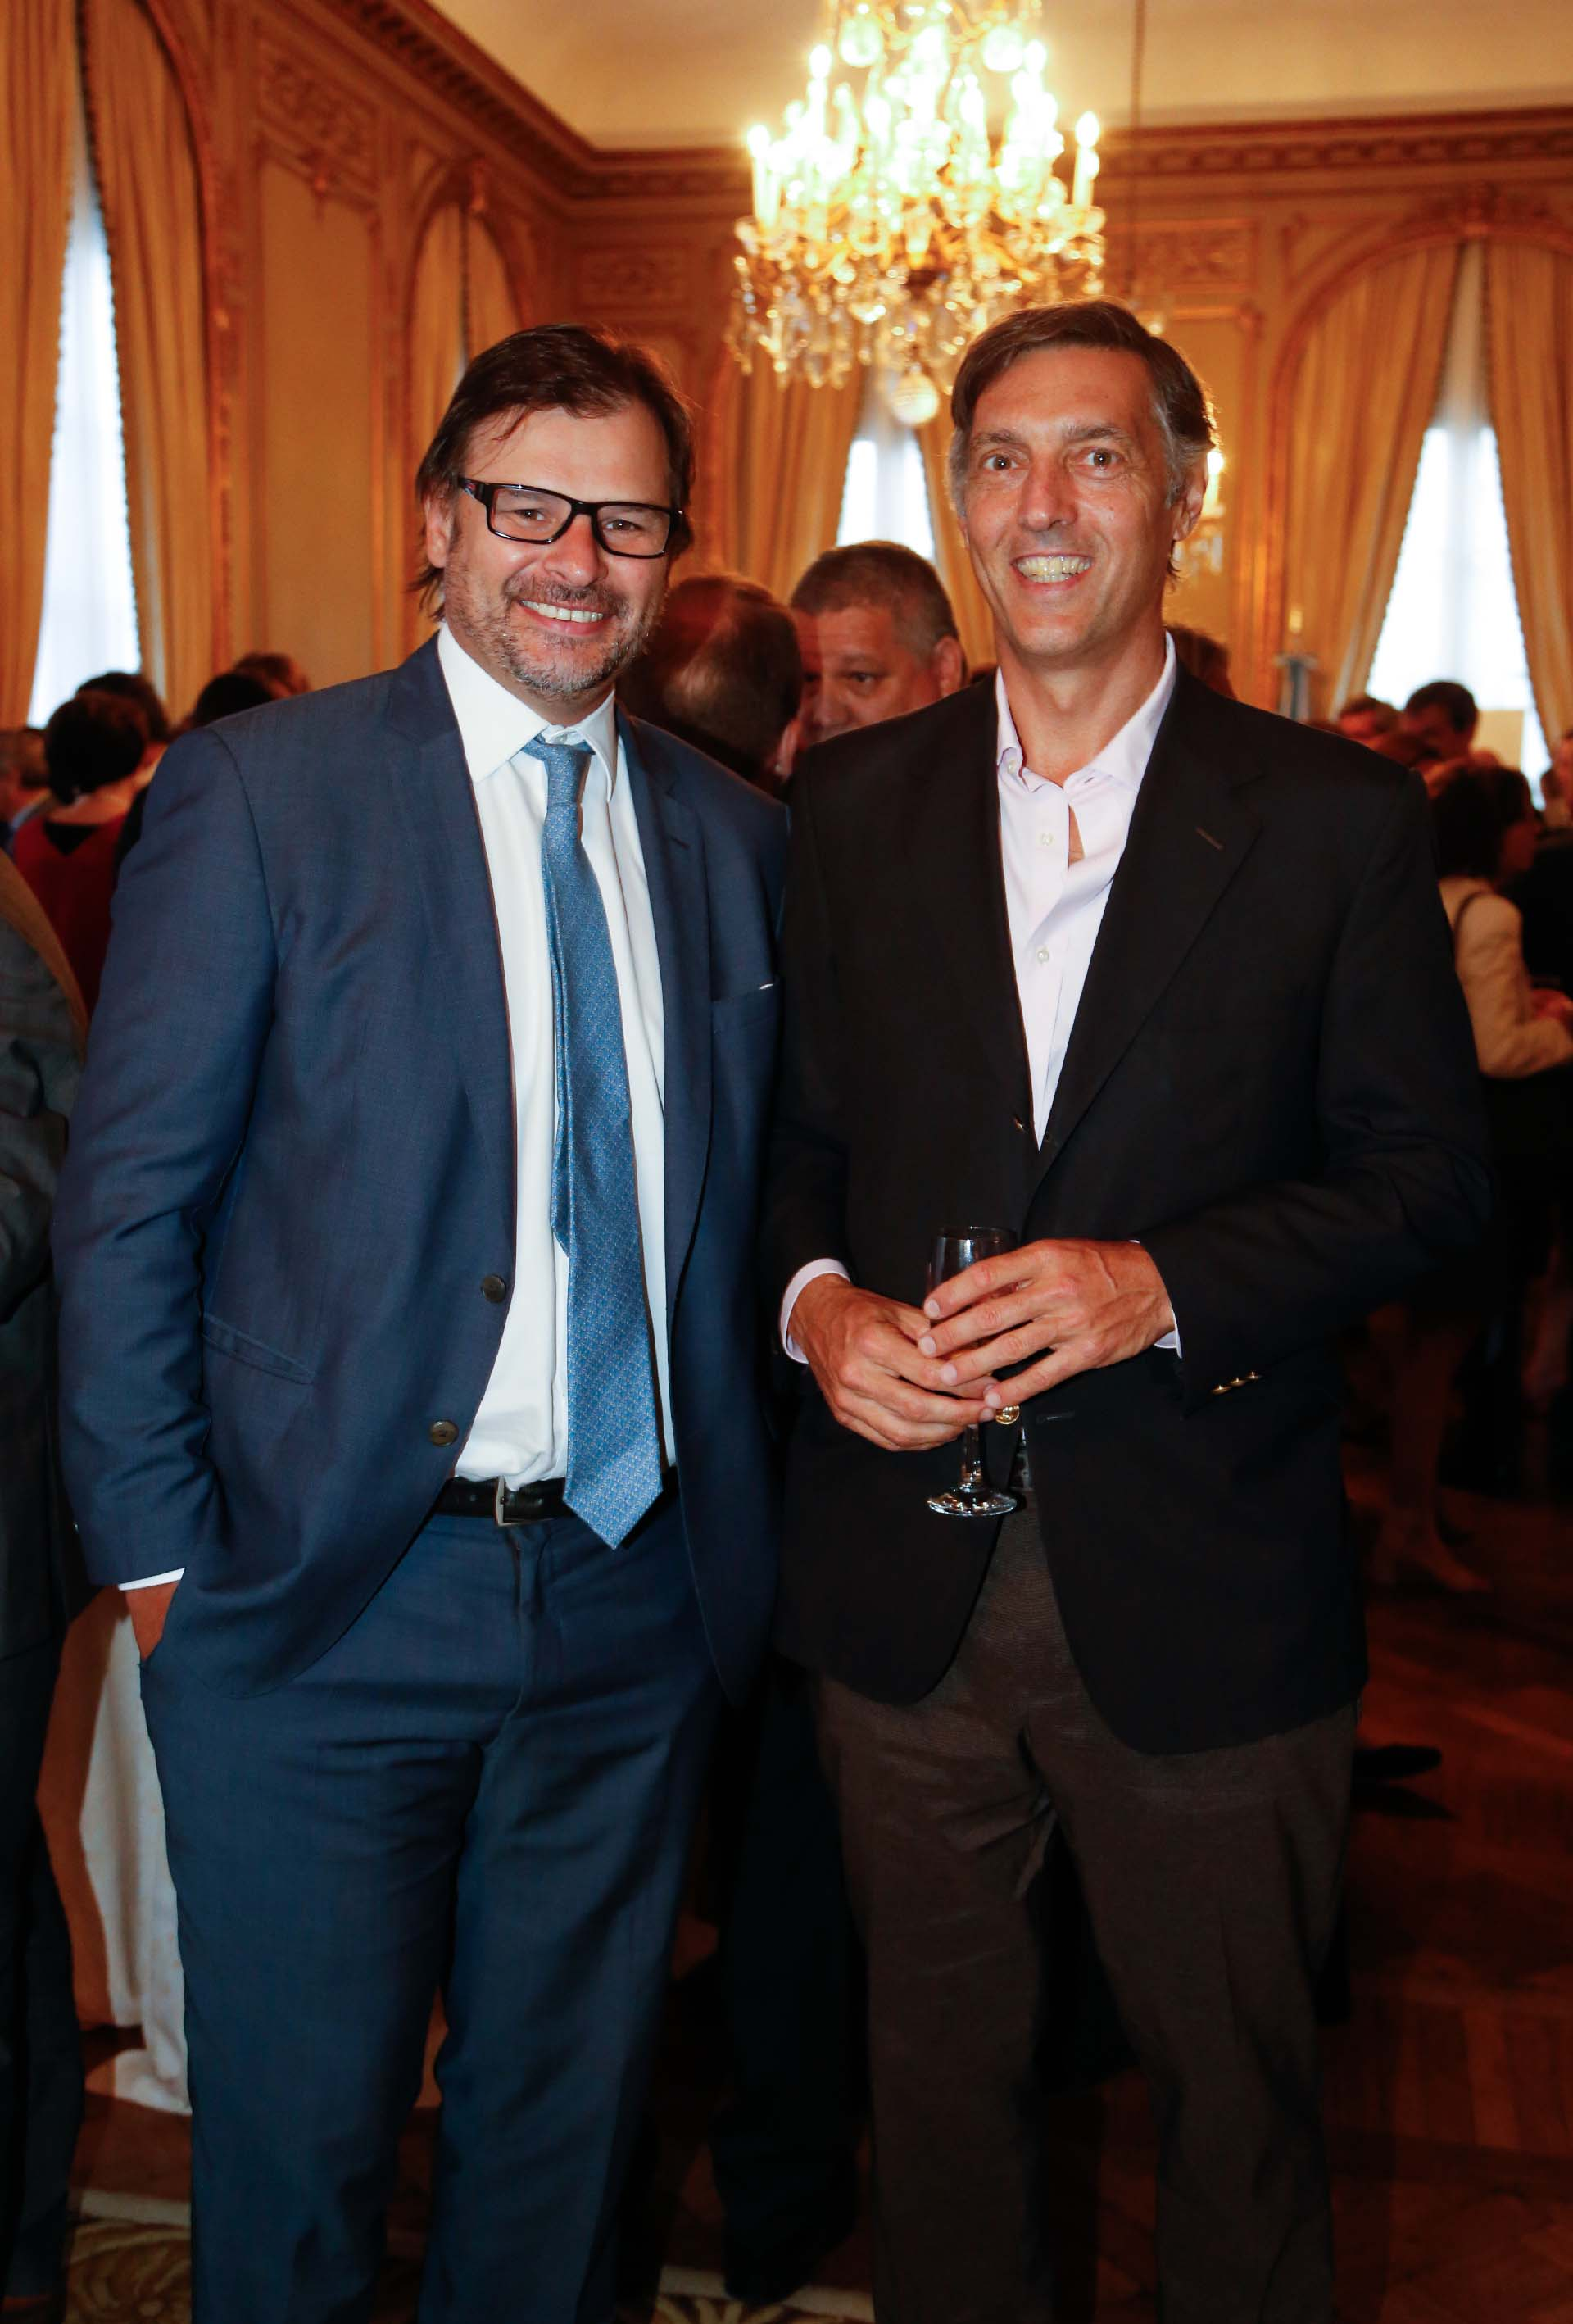 Gaston Remy, CEO de Vista Oil & Gas, junto a Facundo Gómez Minujín, presidente de JP Morgan Argentina